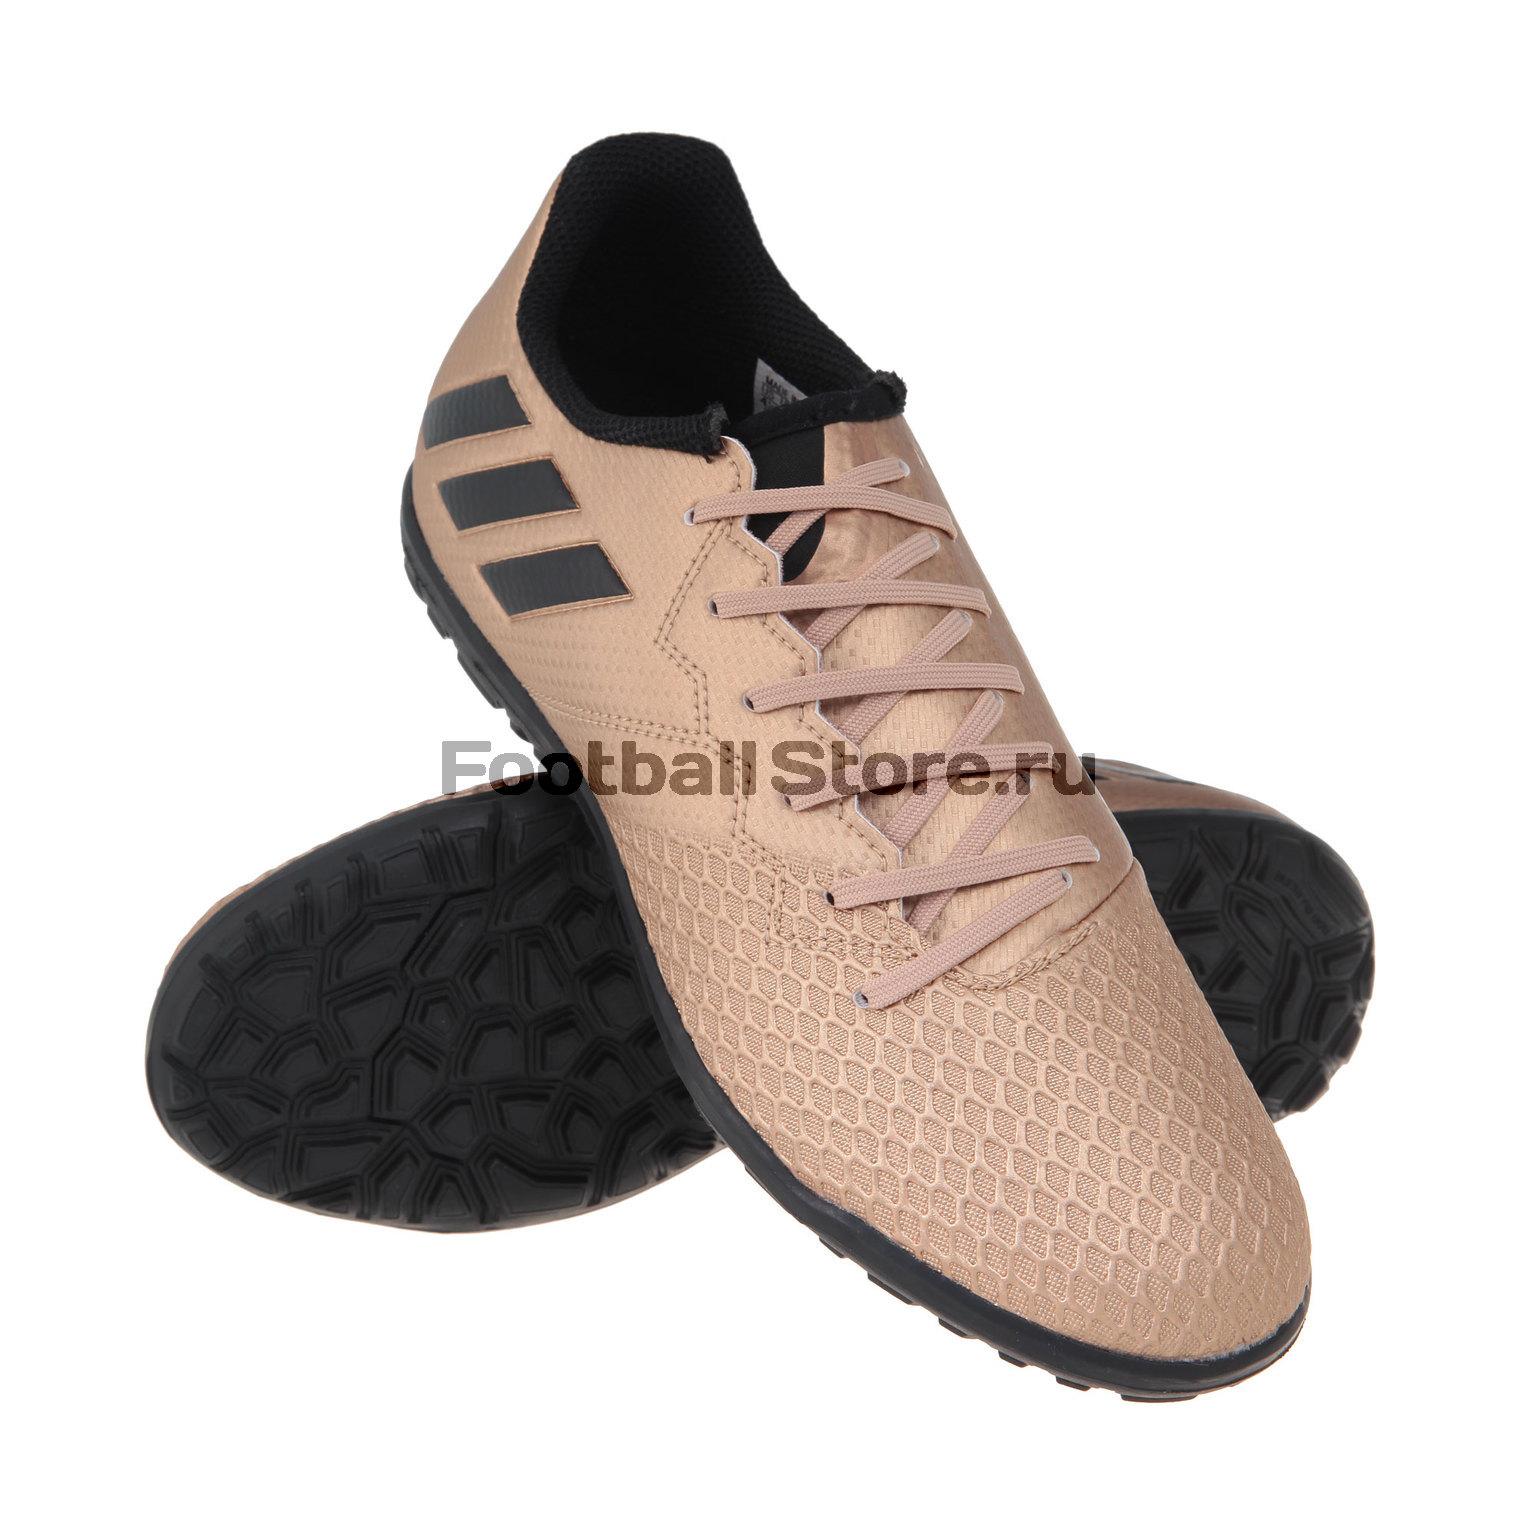 Шиповки Adidas Шиповки Adidas Messi 16.3 TF BA9856